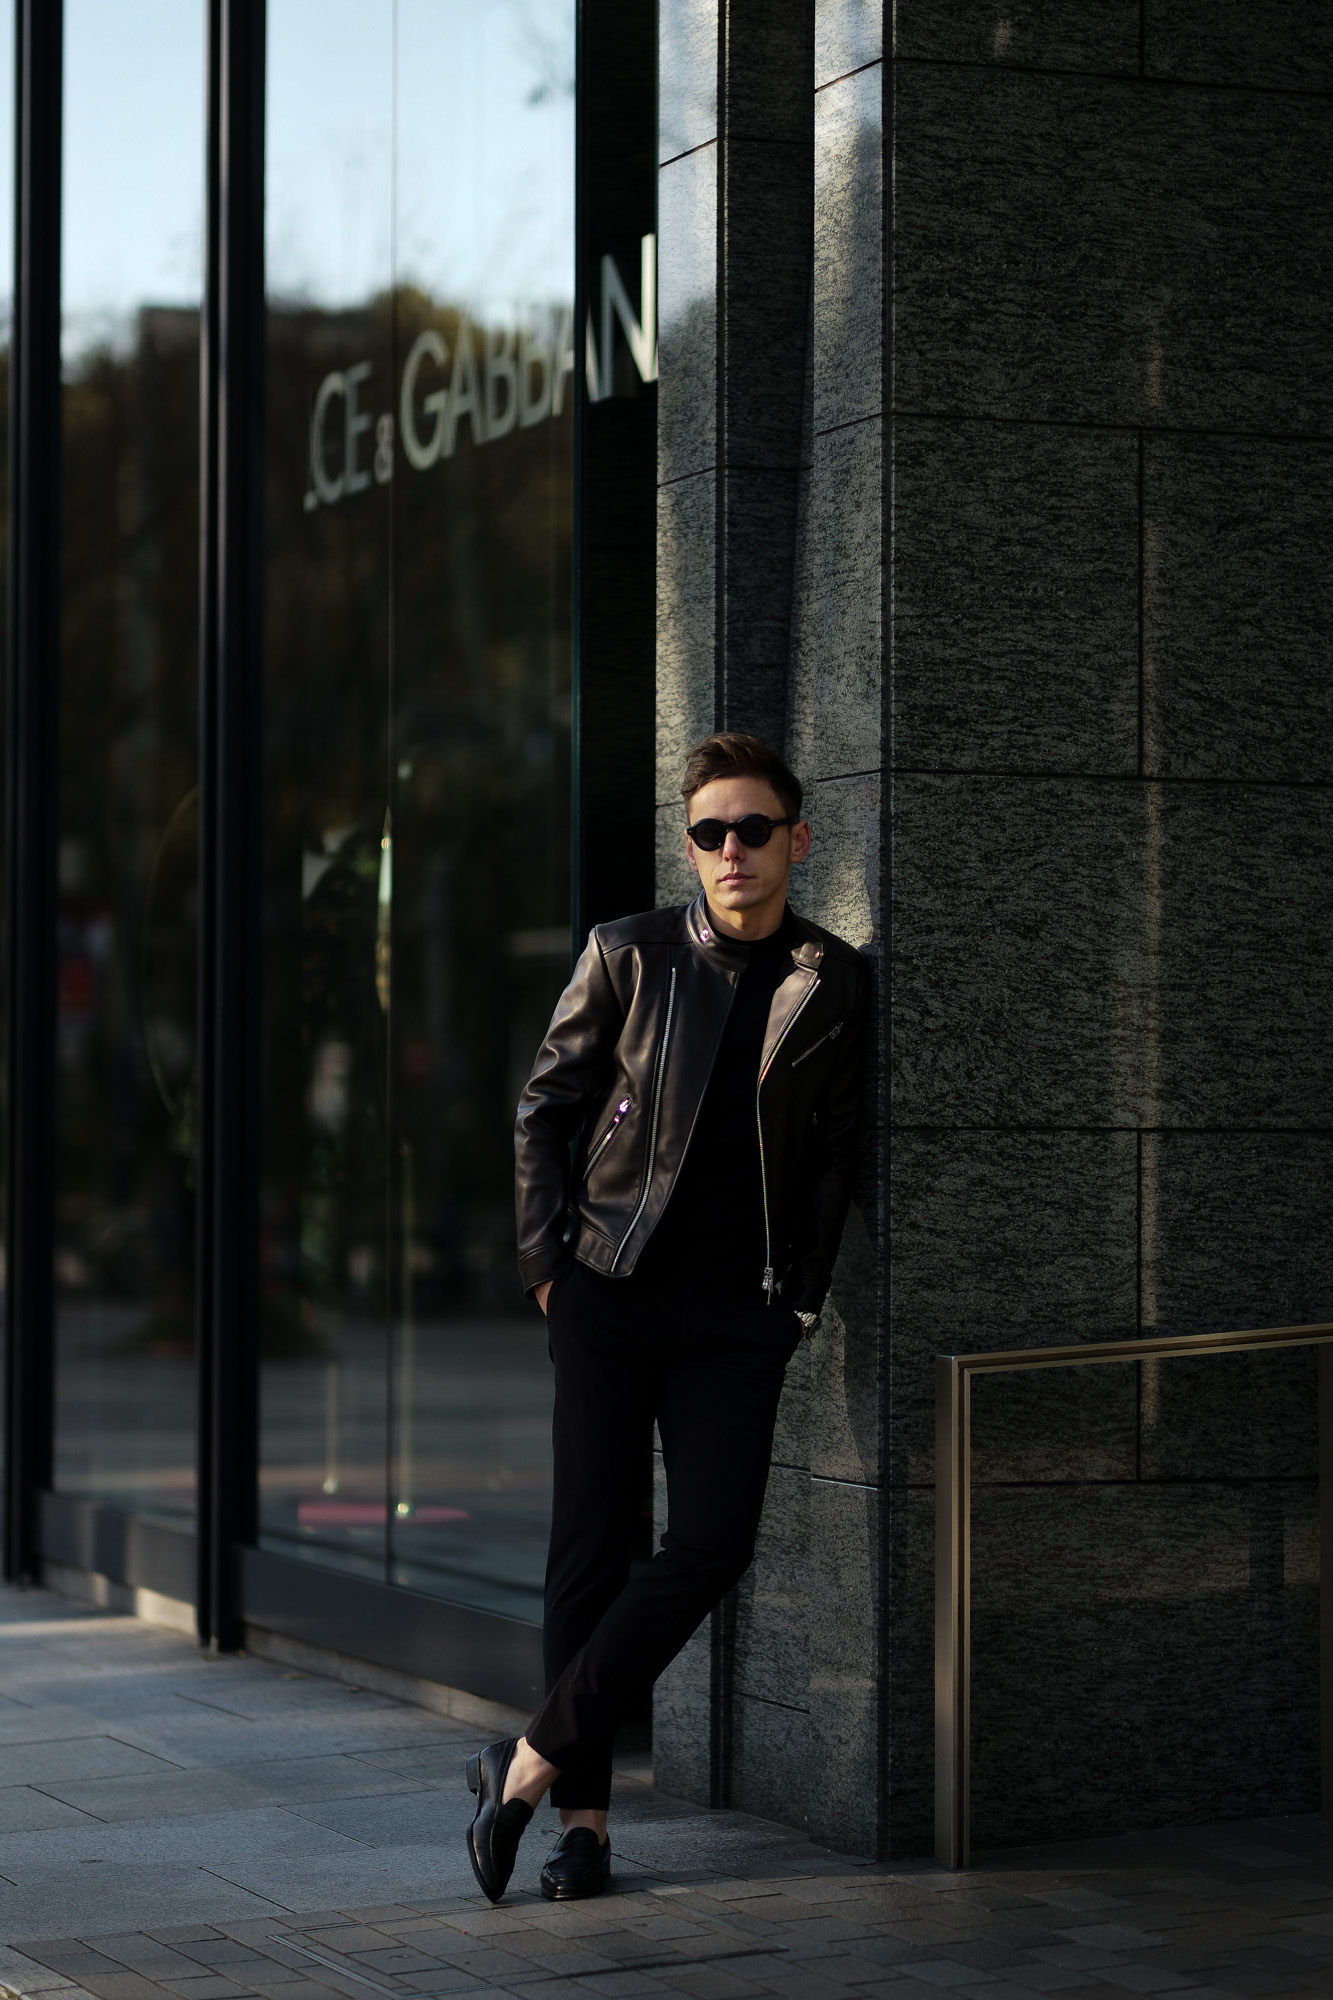 FIXER(フィクサー) F1(エフワン) DOUBLE RIDERS Cow Leather ダブルライダース ジャケット BLACK(ブラック) 【ご予約開始】【2020.4.19(Sun)~2020.5.10(Sun)】愛知 名古屋 altoediritto アルトエデリット